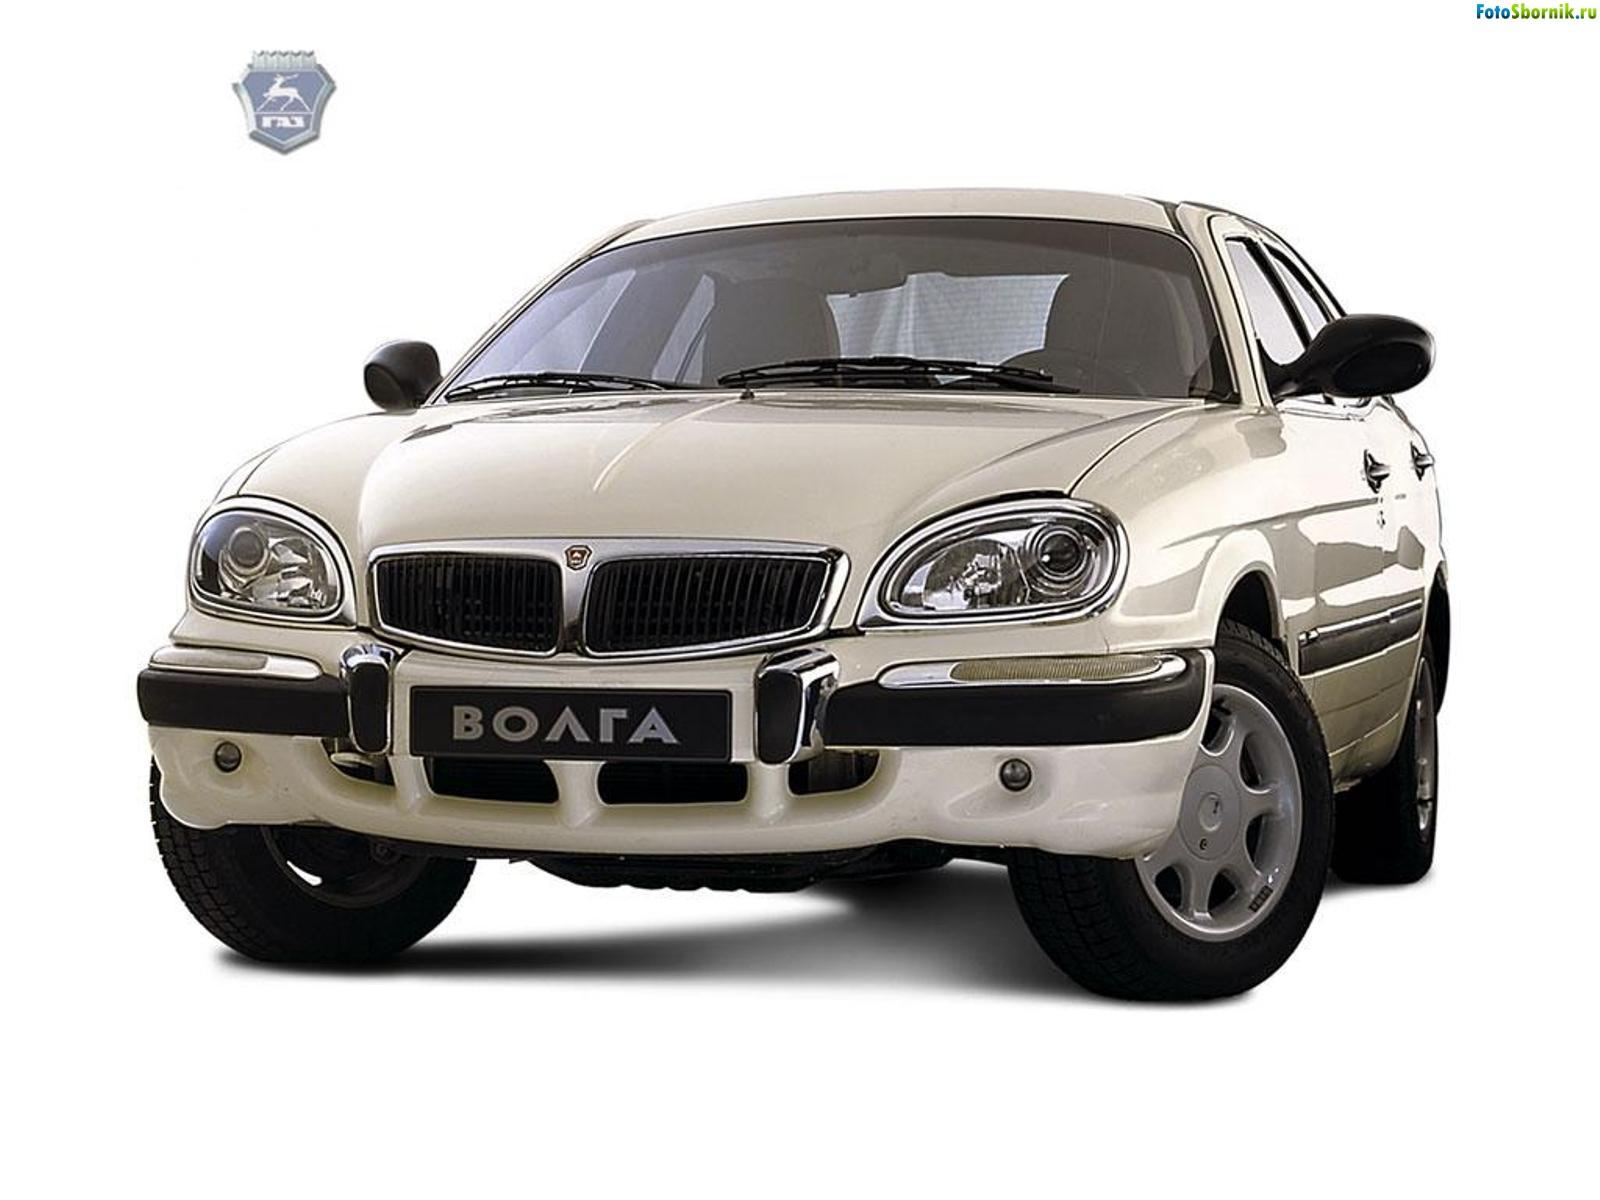 Коммерческие автомобили ГАЗ